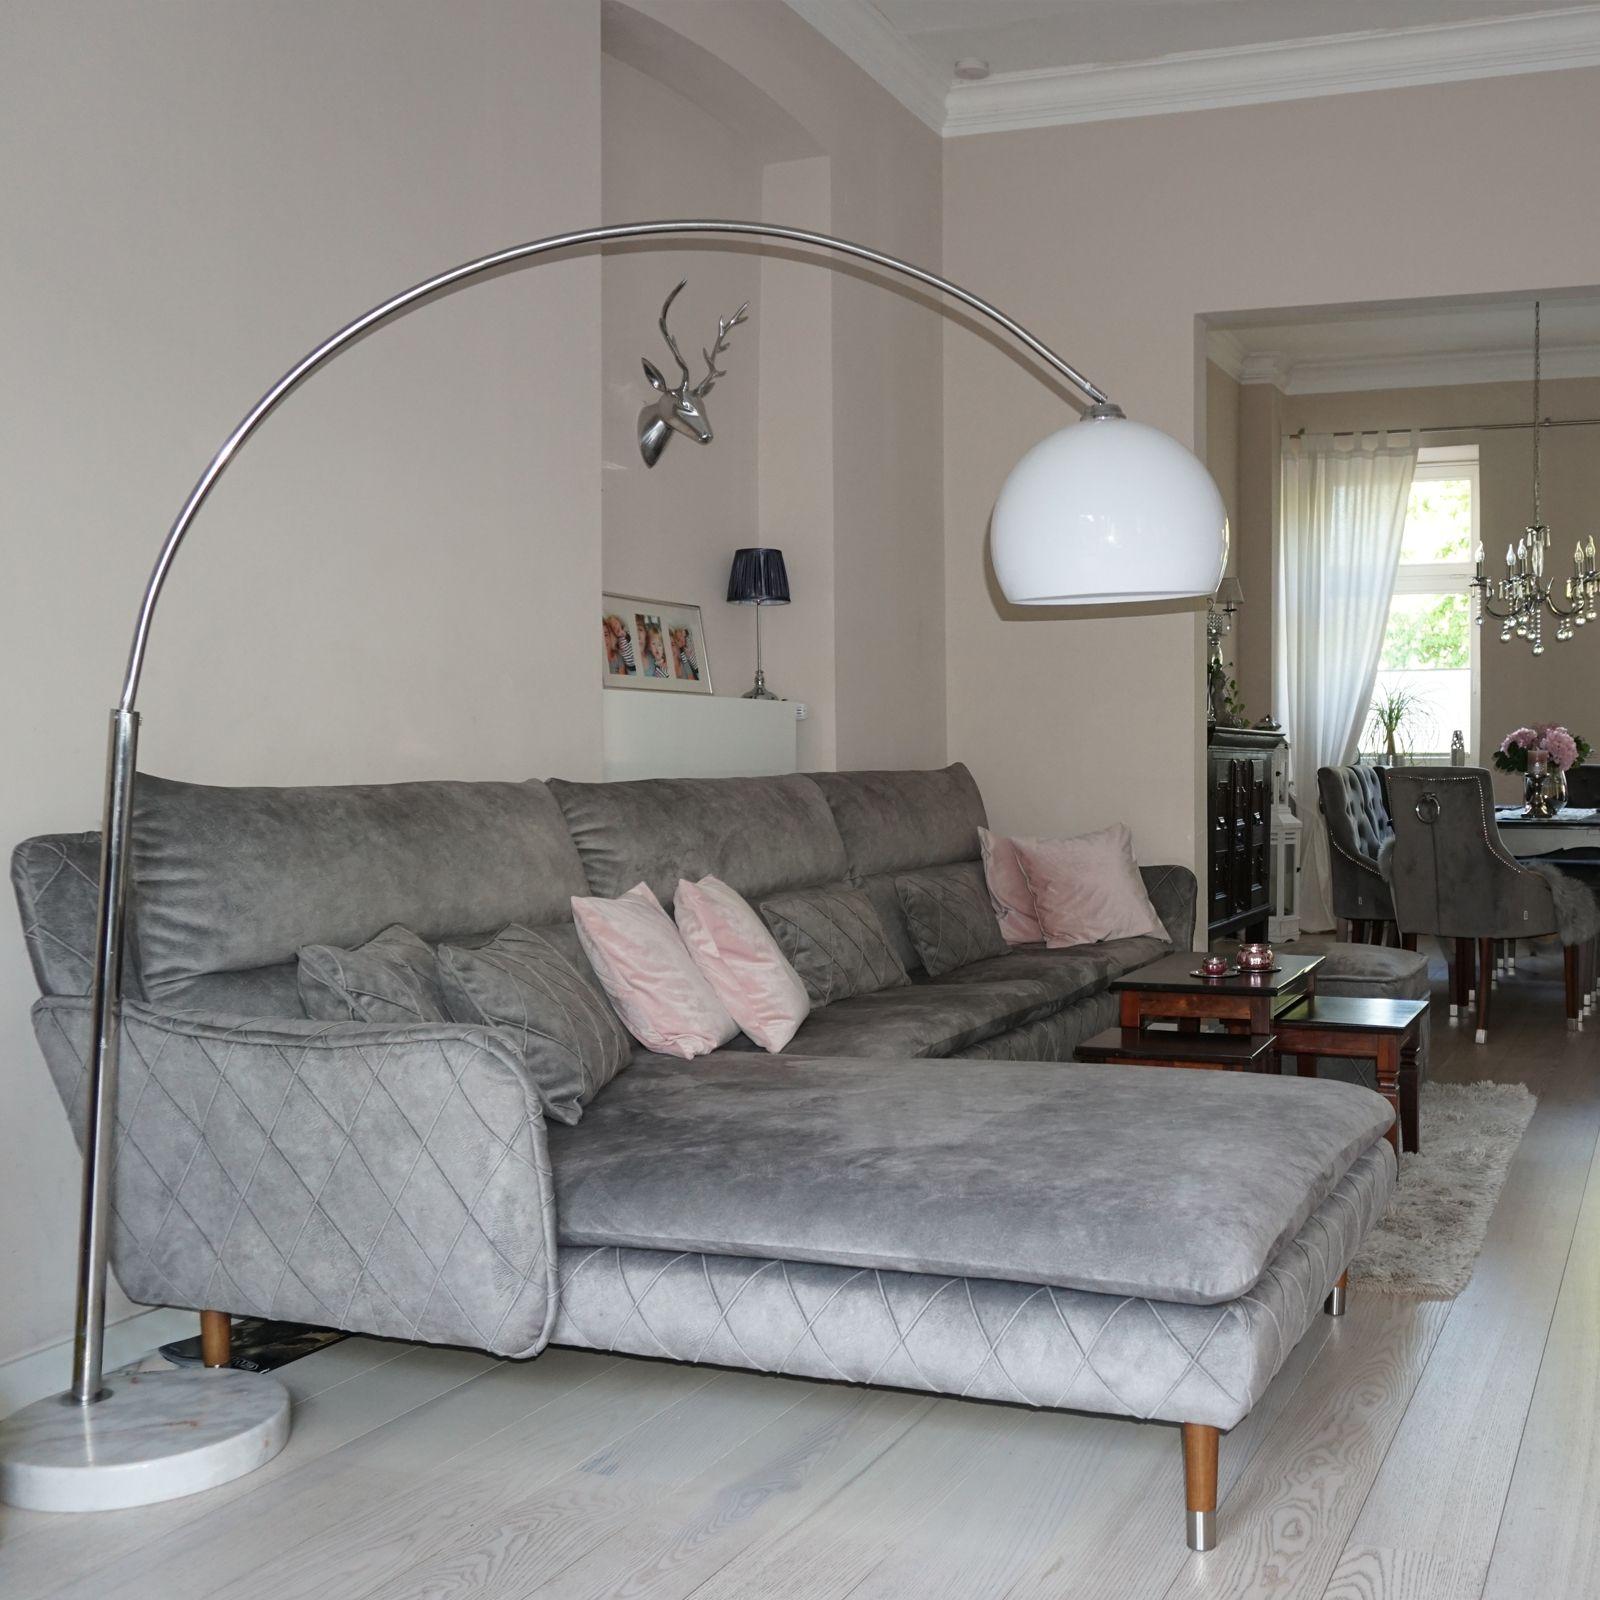 Einrichtungshilfe Und Individualisierung Für Ihr Neues Sofa Haus Deko Dekor Hochwertige Möbel